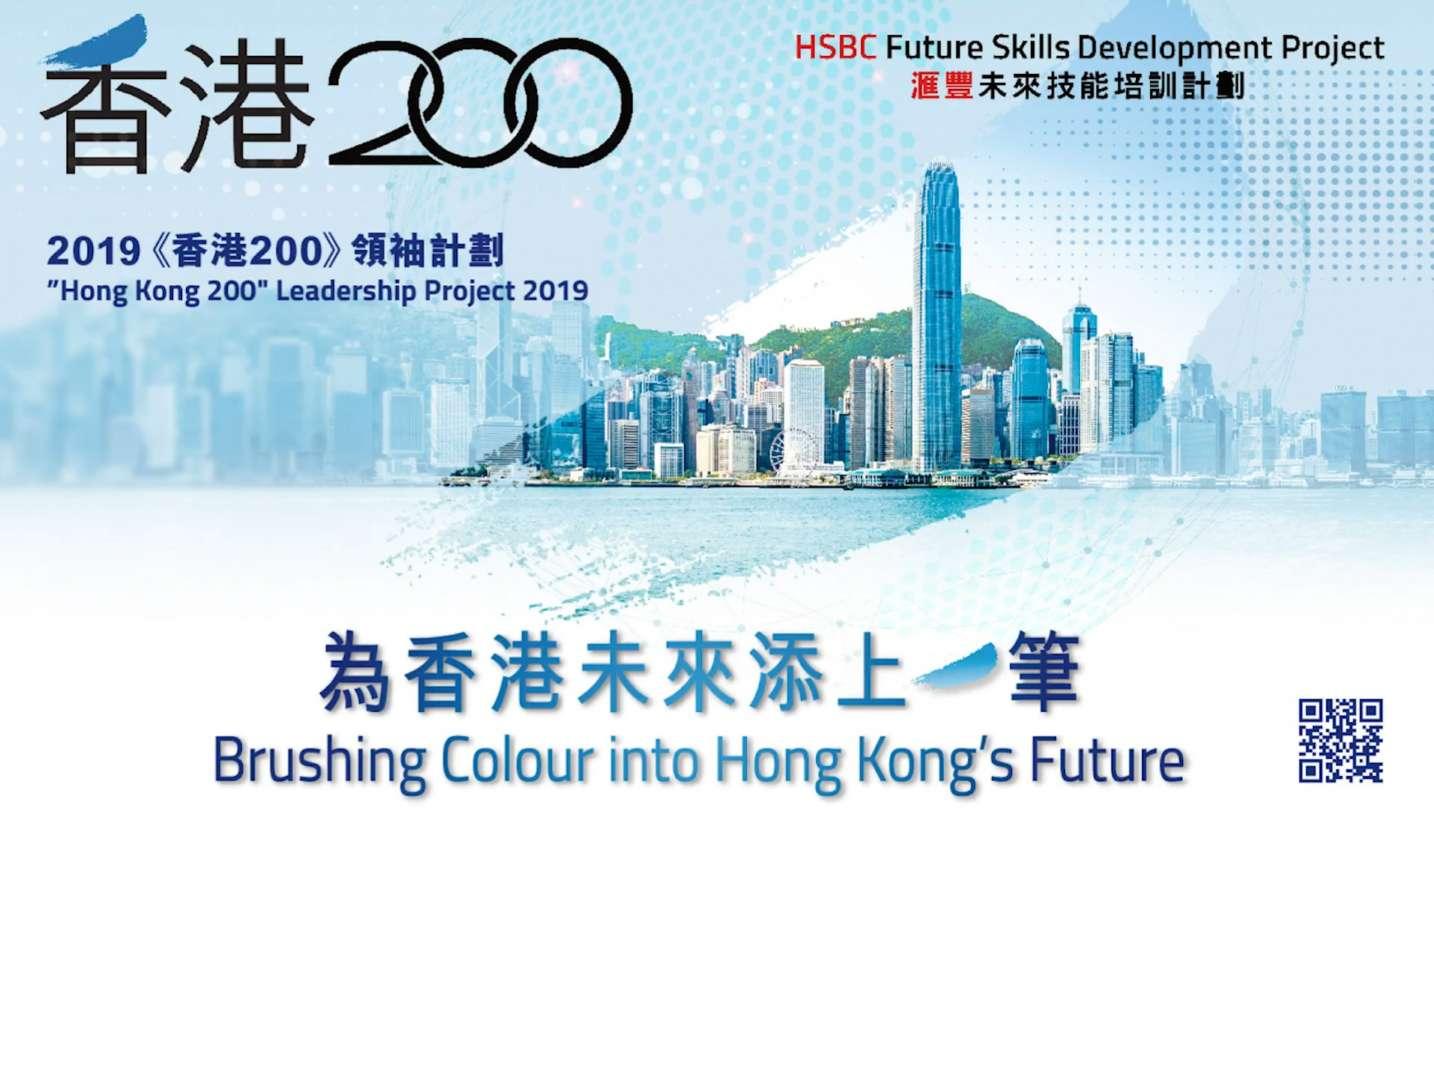 2019《香港200》領袖計劃回顧